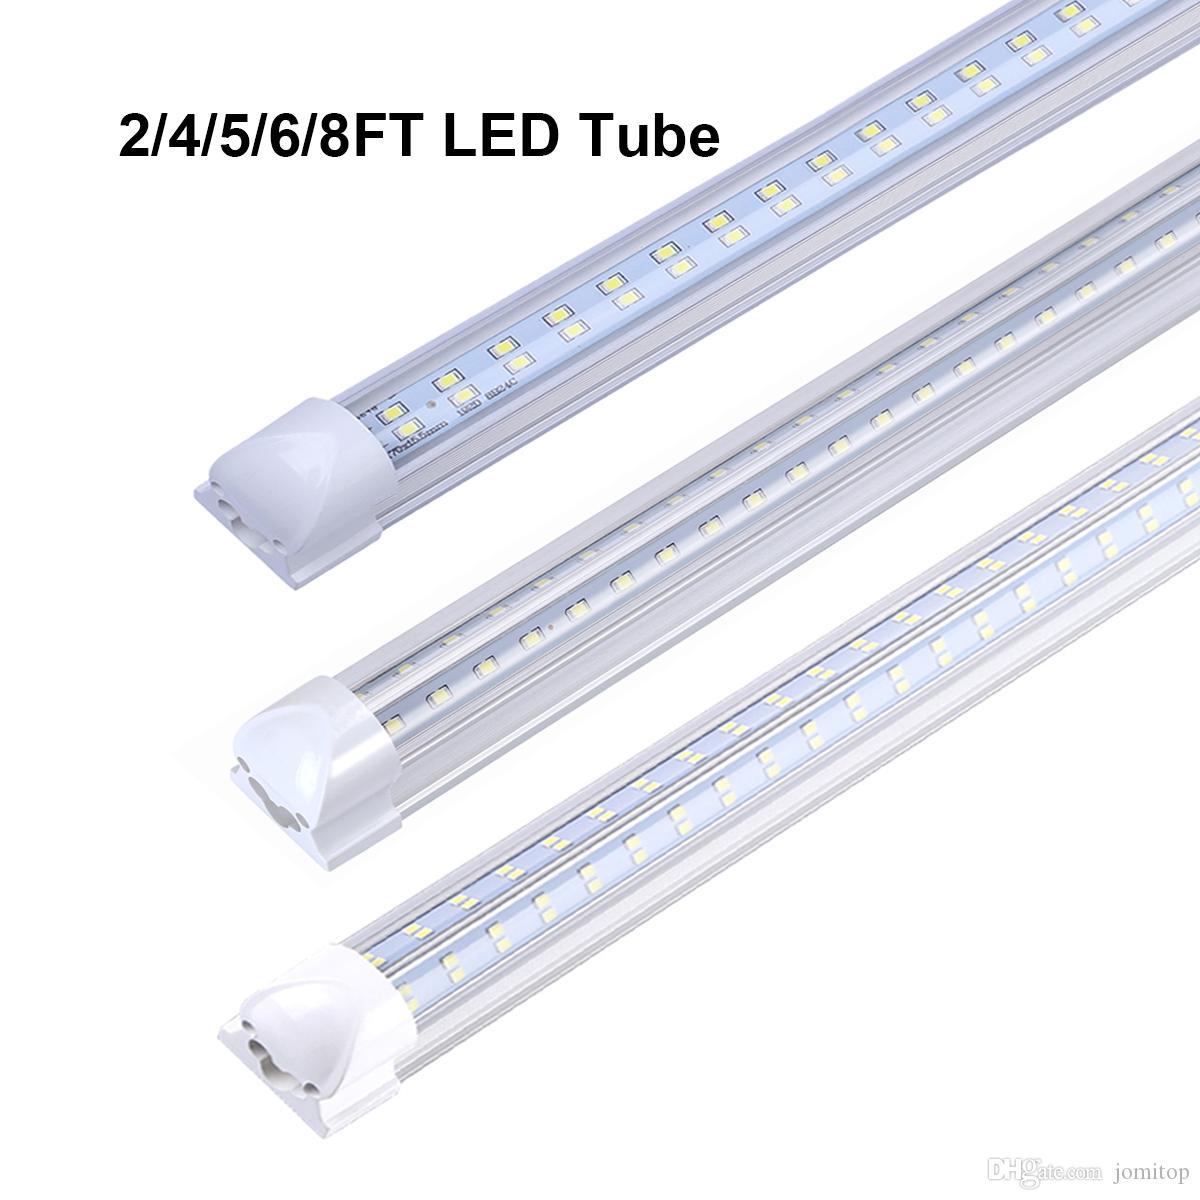 T8 LED-Röhre 1.2M 1.5M 1.8M 2.4M zweireihig V-Form-LED Kühle Tür Energie-Glühlampe AC85-265V